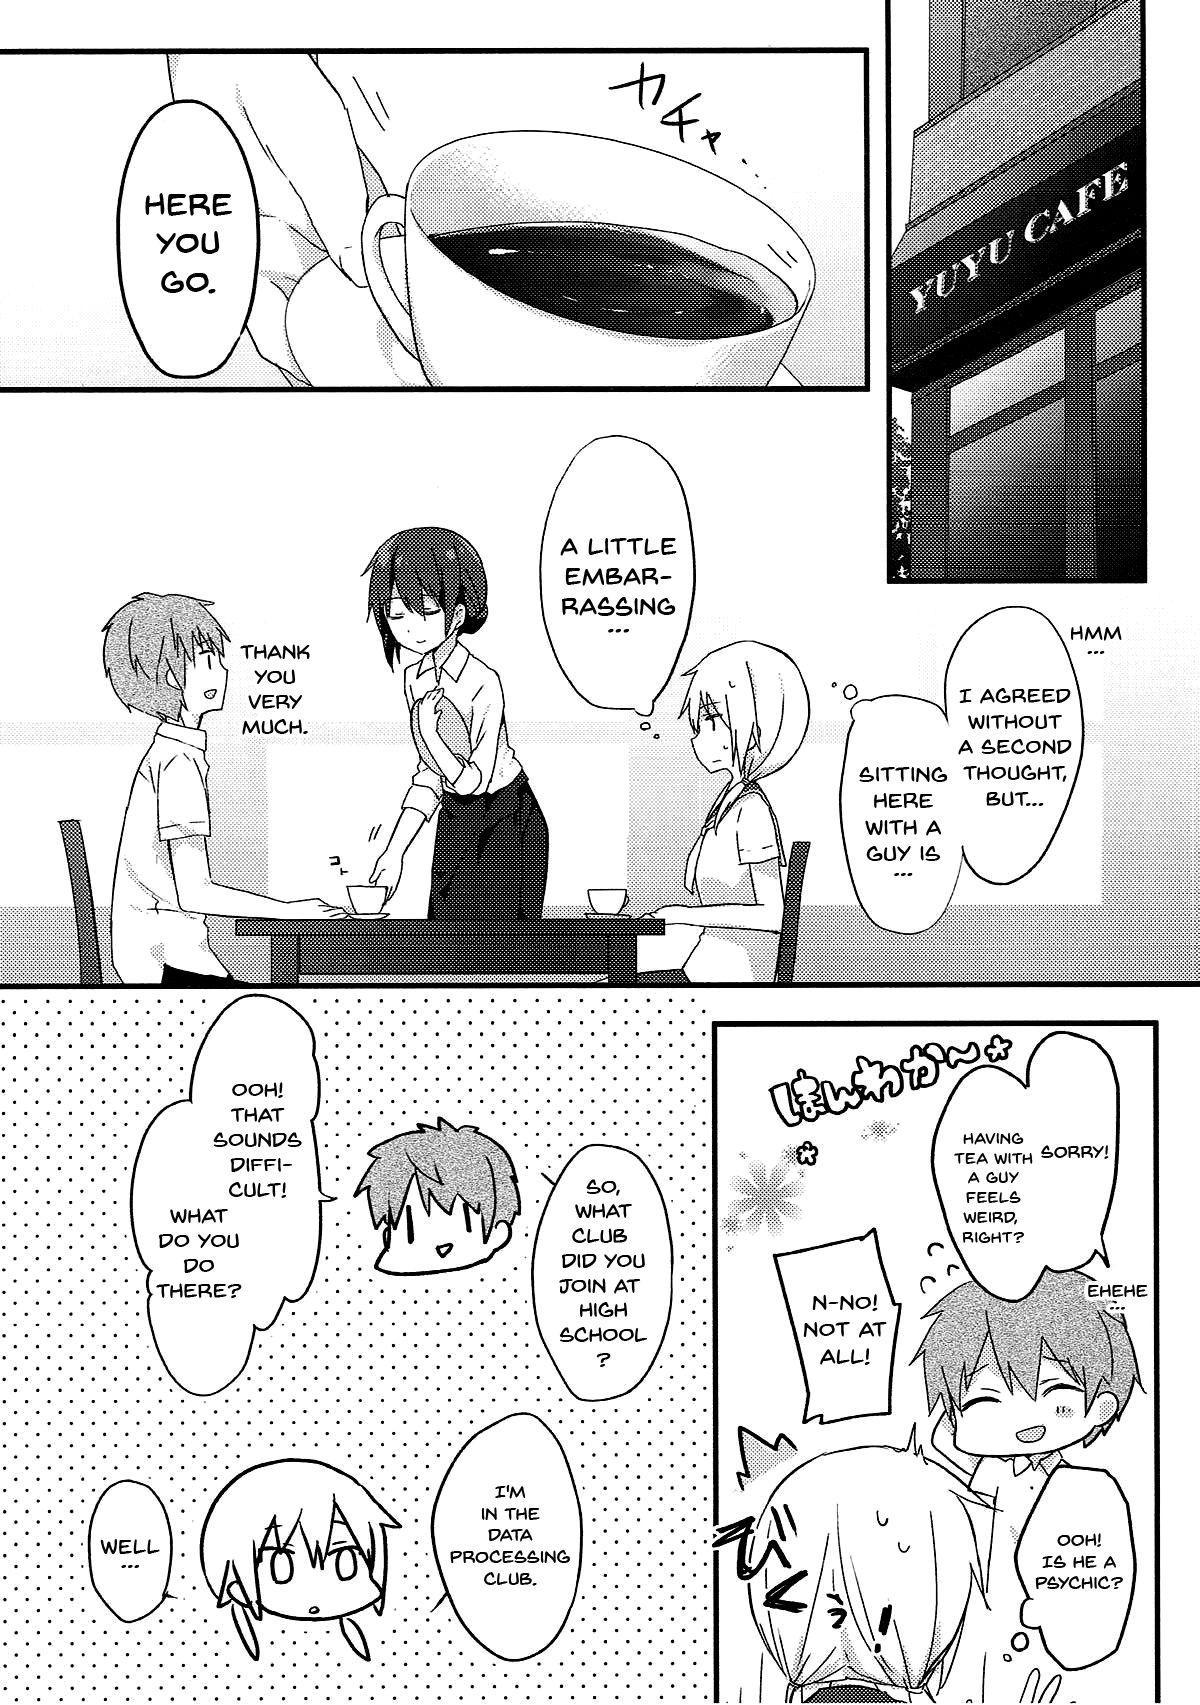 (SC2018 Spring) [Puchimaple (Hisagi)] Boku to Kodomo o Tsukurou ne, Ichii-san. | Have a baby with me, Ichii-san (Yuyushiki) [English] [Doujins.com] 4